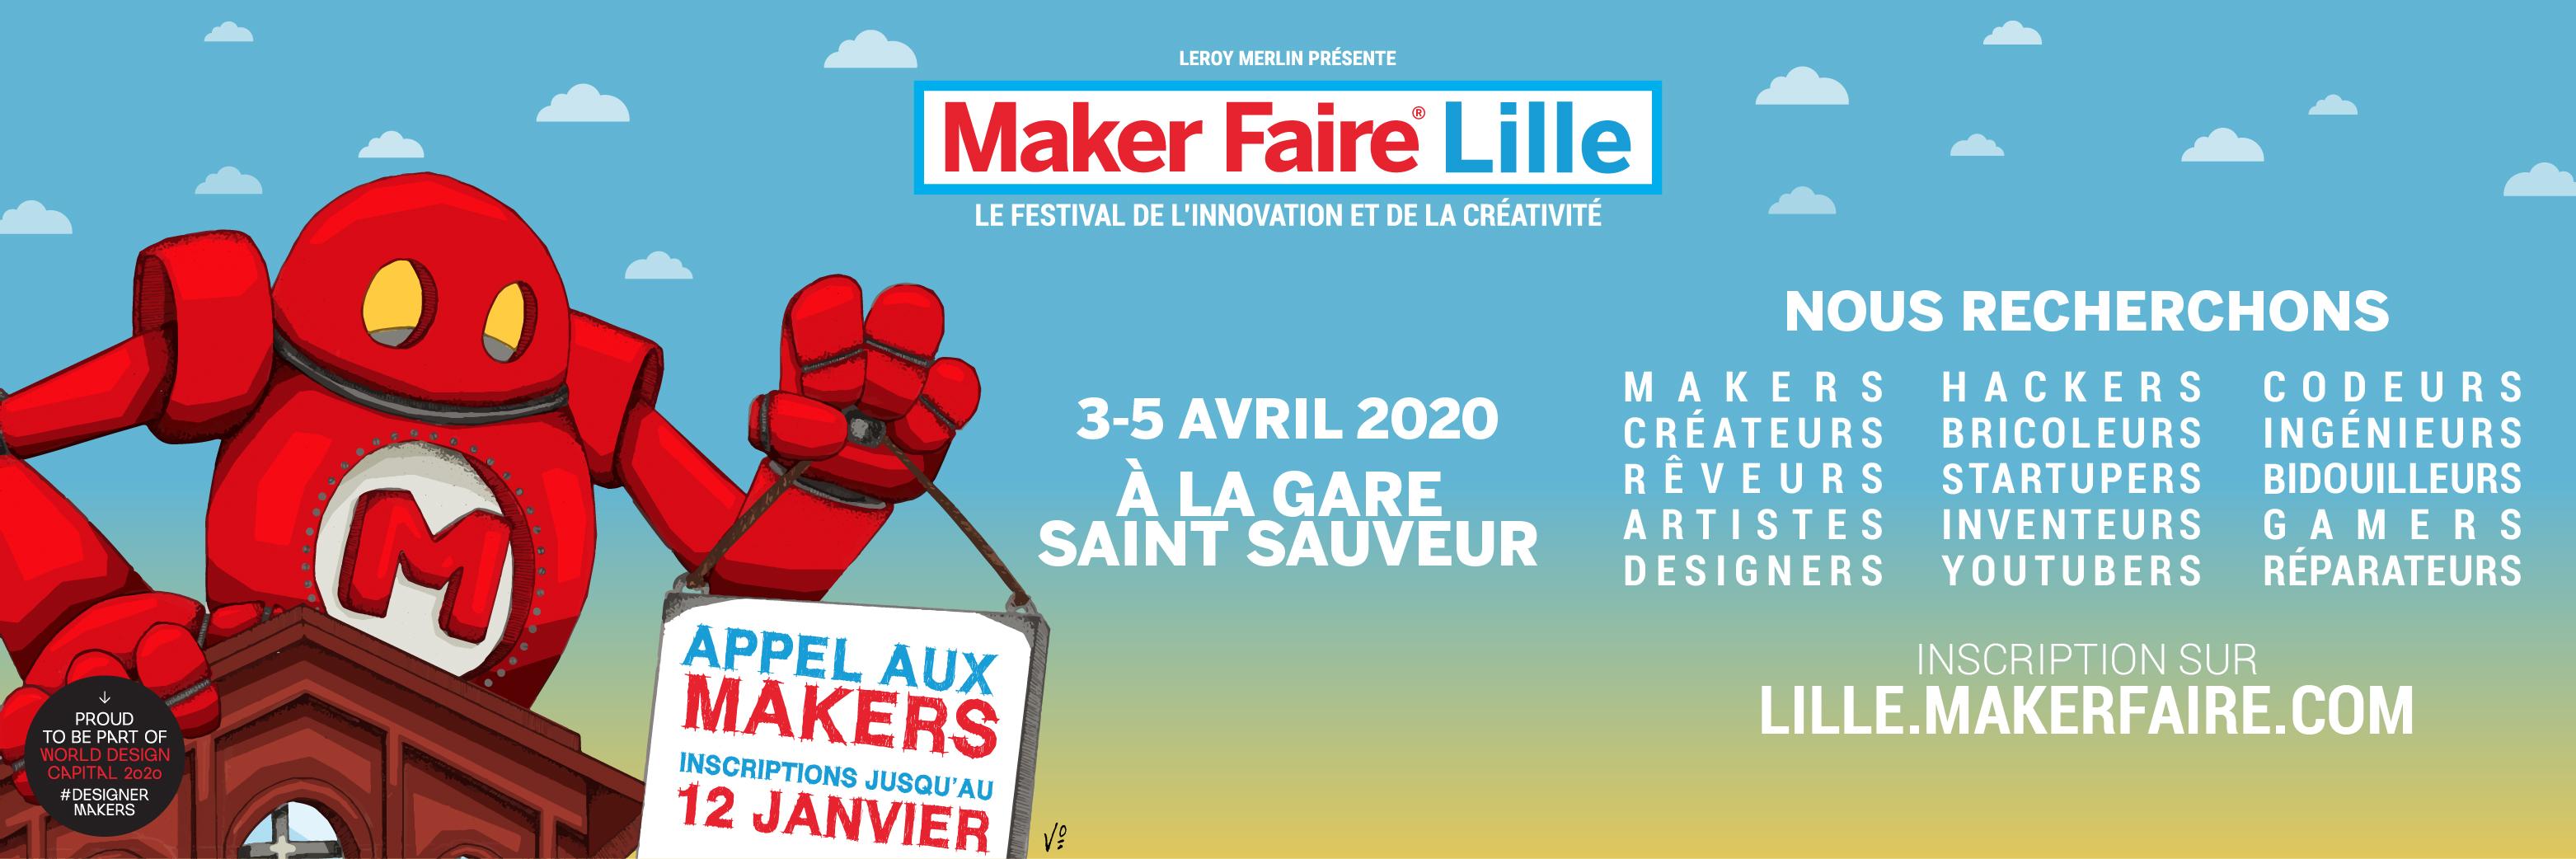 Appel Aux Makers Inscrivez Vous Au Maker Faire Lille 2018